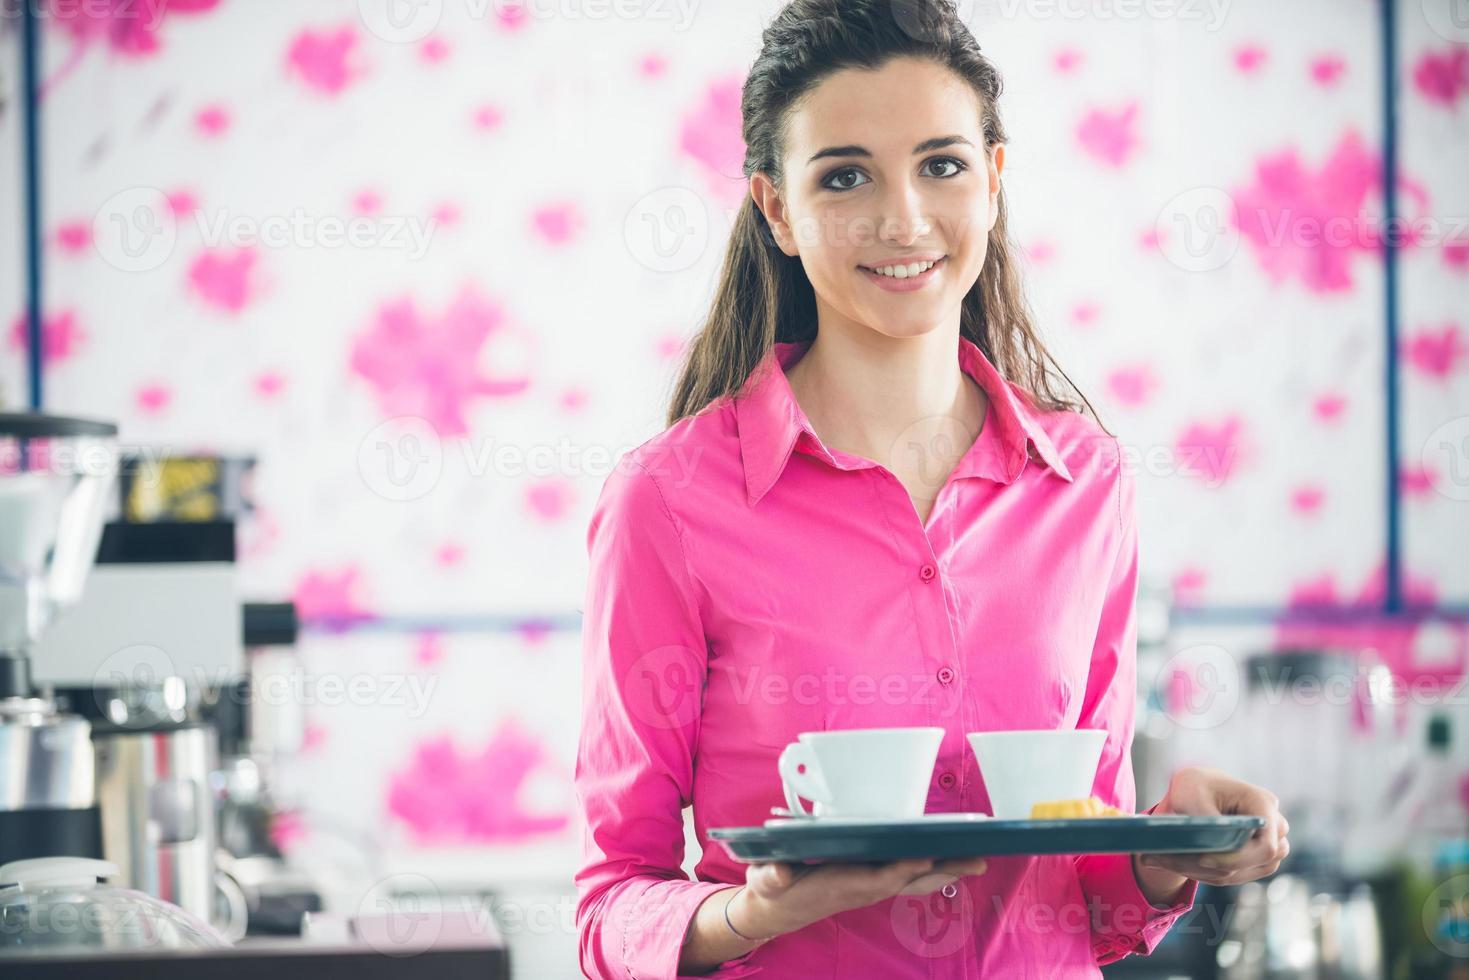 jonge glimlachende serveerster serveert koffie aan de bar foto